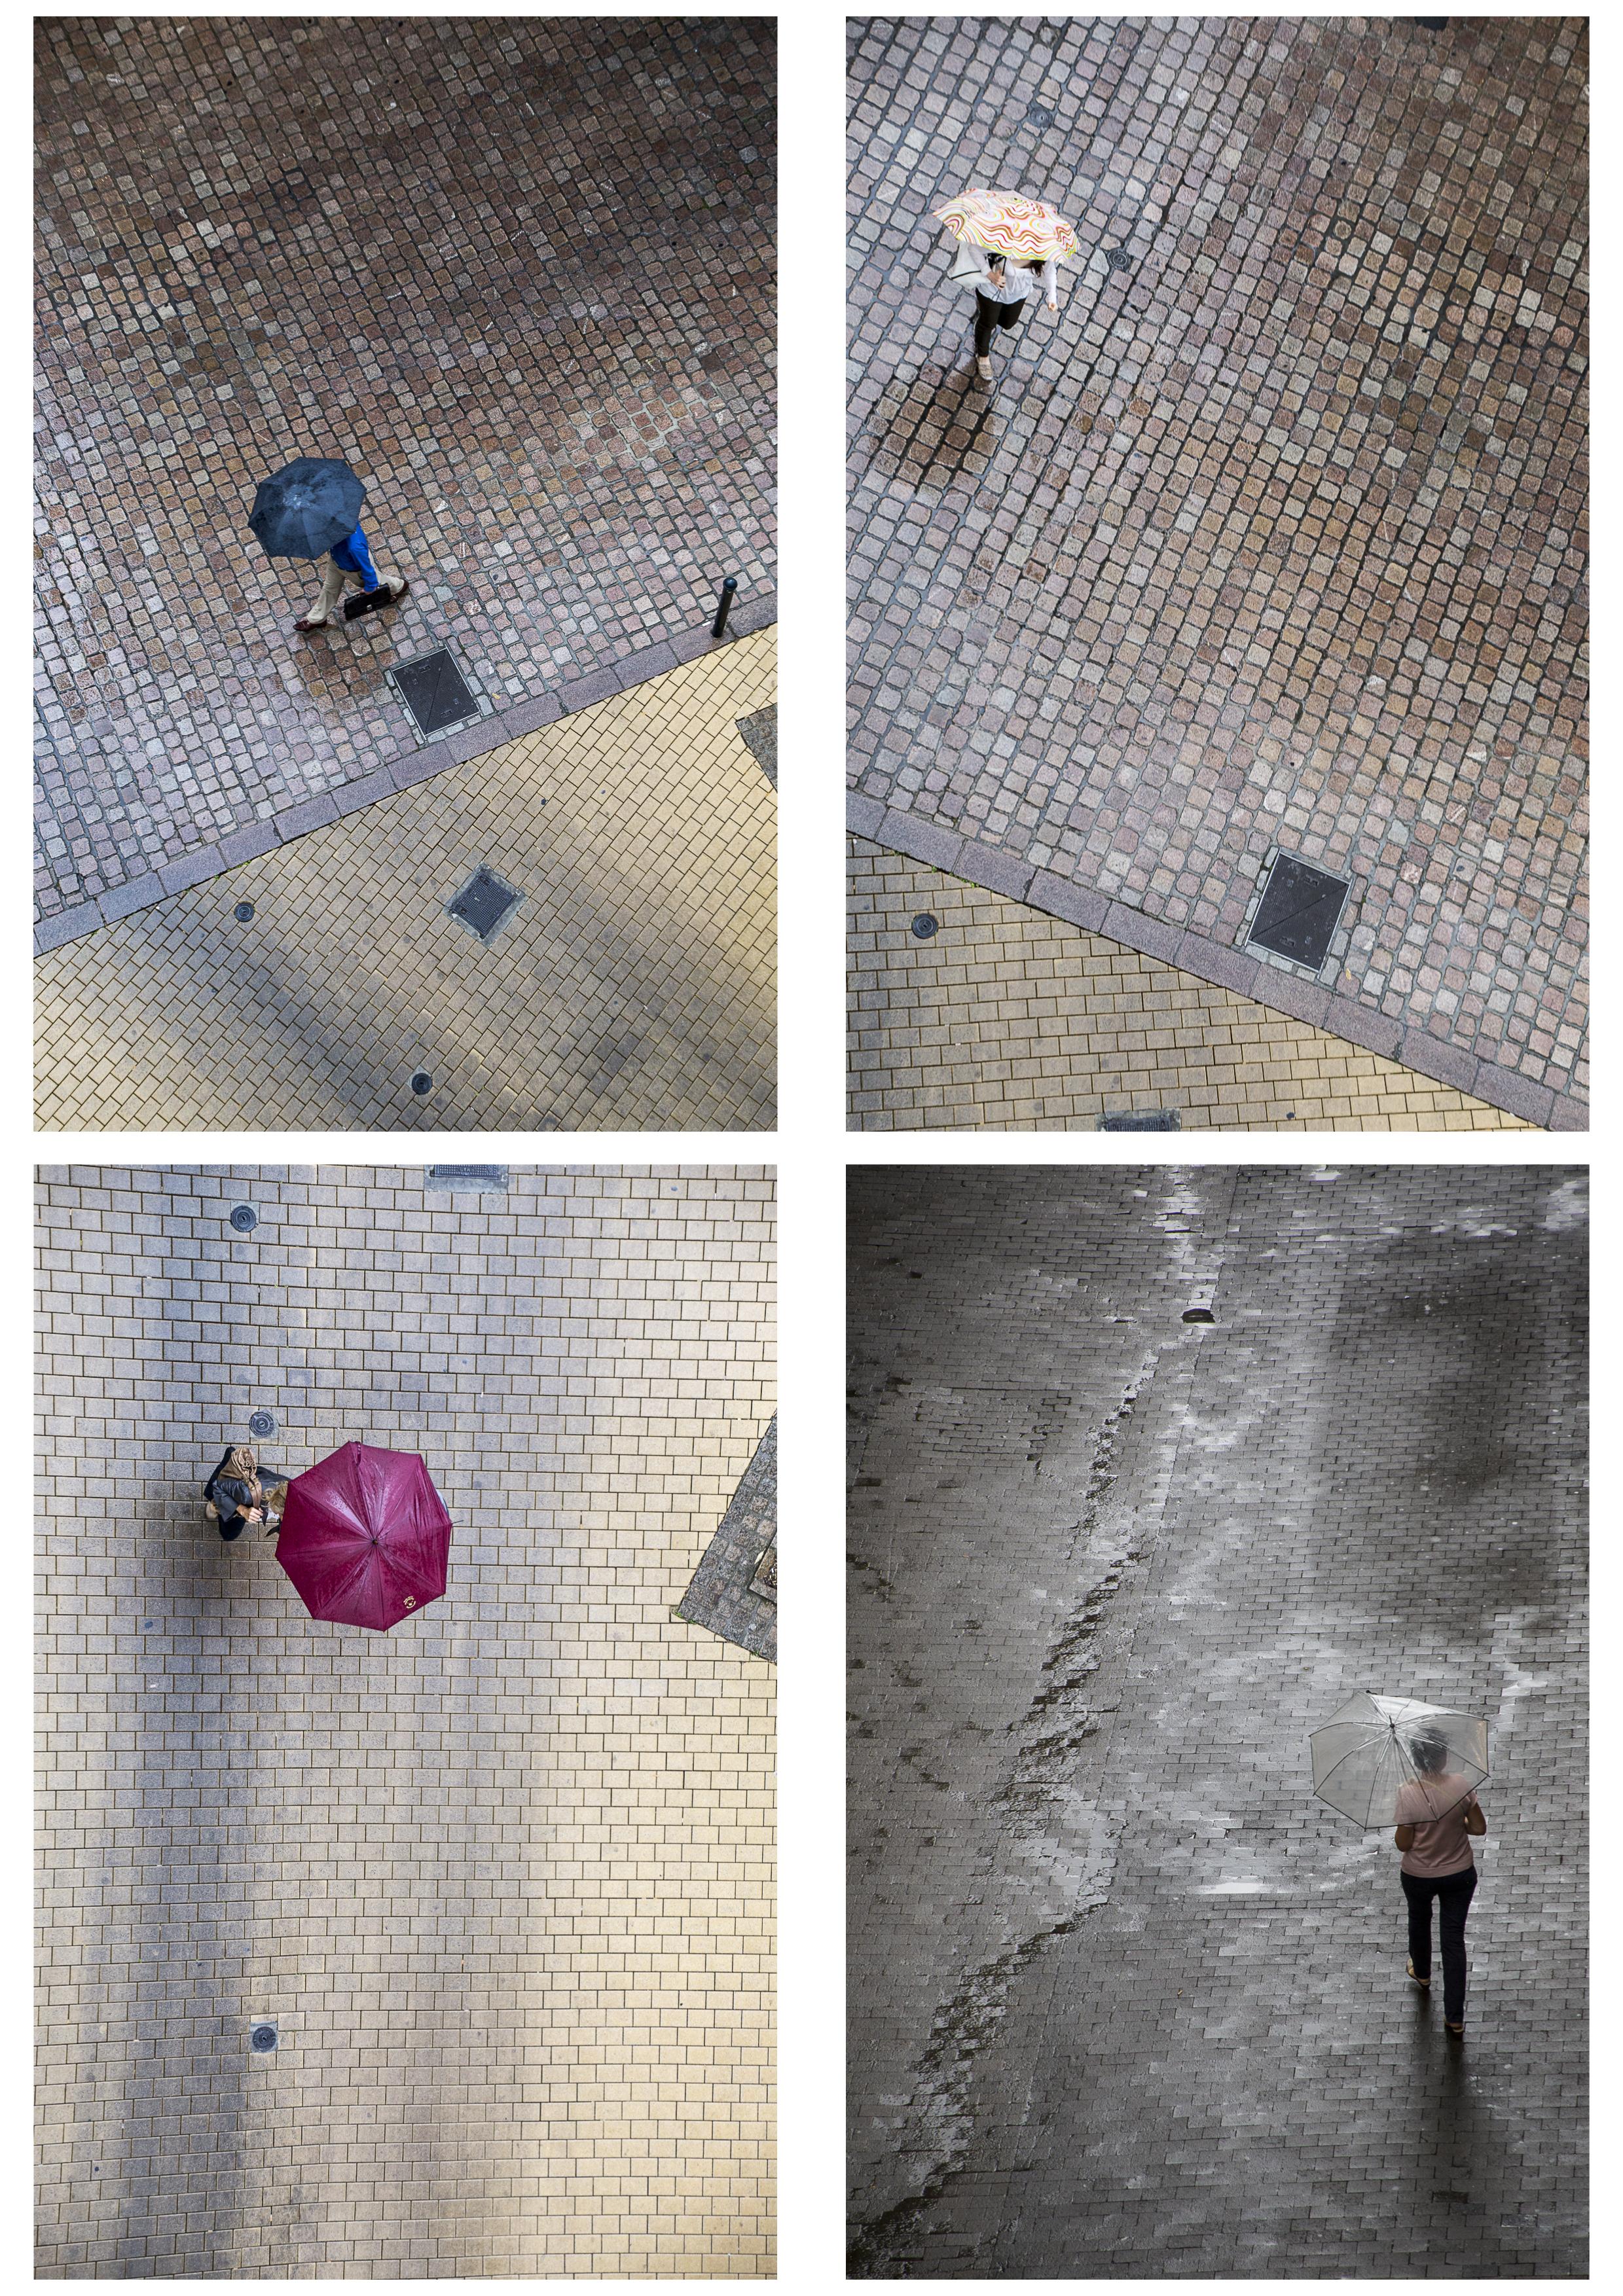 promenade sous la pluie-3